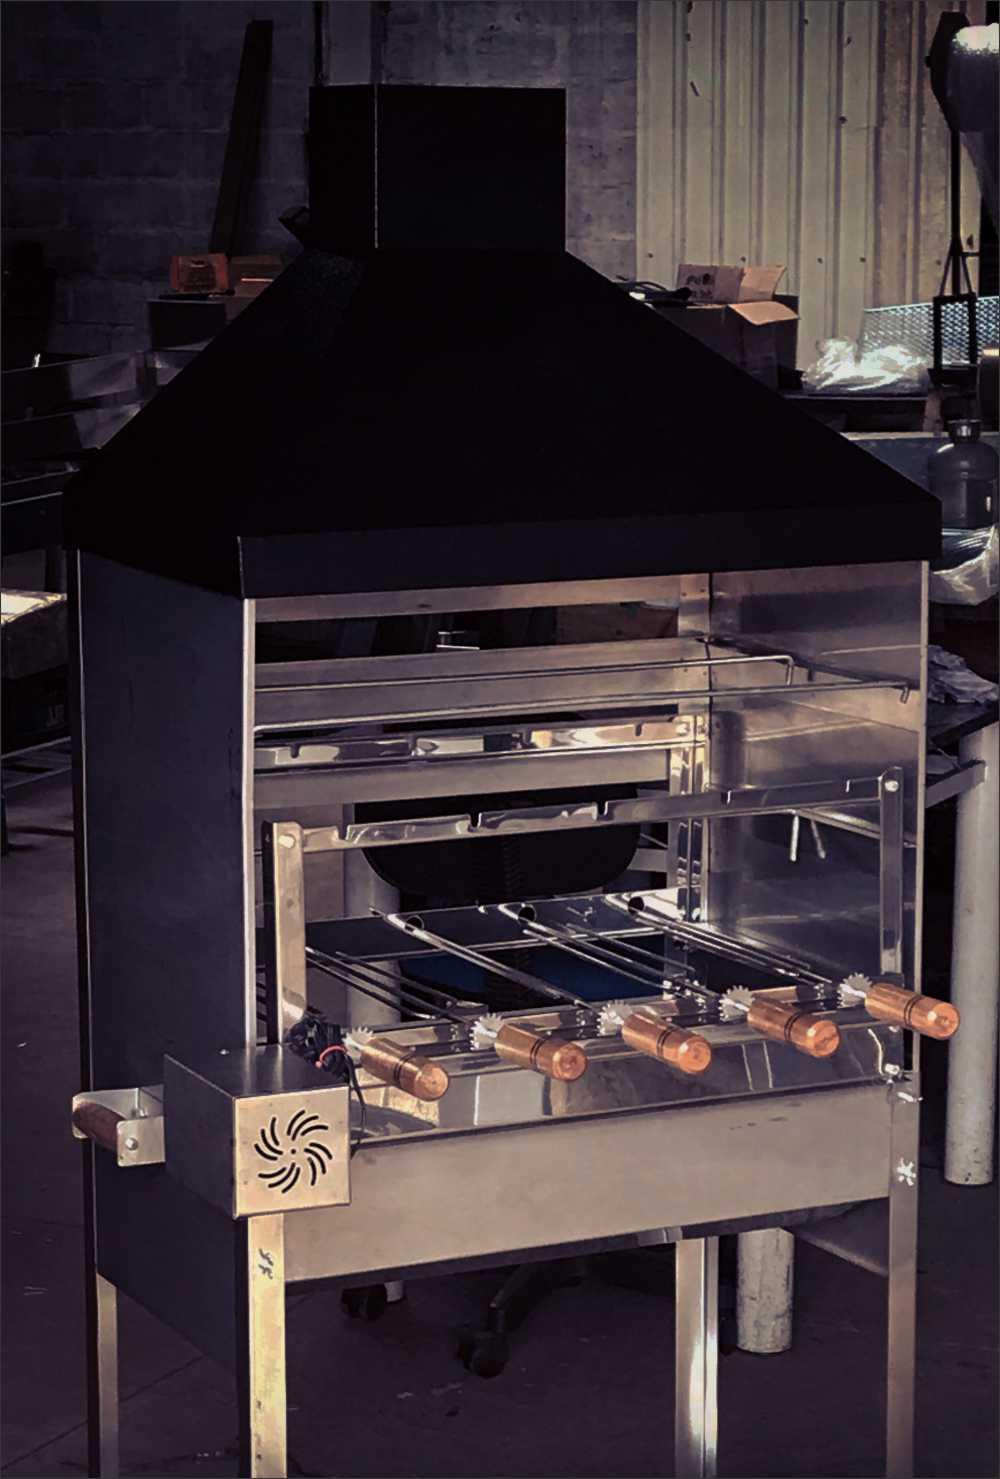 Churrasqueira Inox Luxo Com Coifa Preta Modelo Gourmet Tamanho 65x41 Com Kit Giratório Inox 5 Espetos